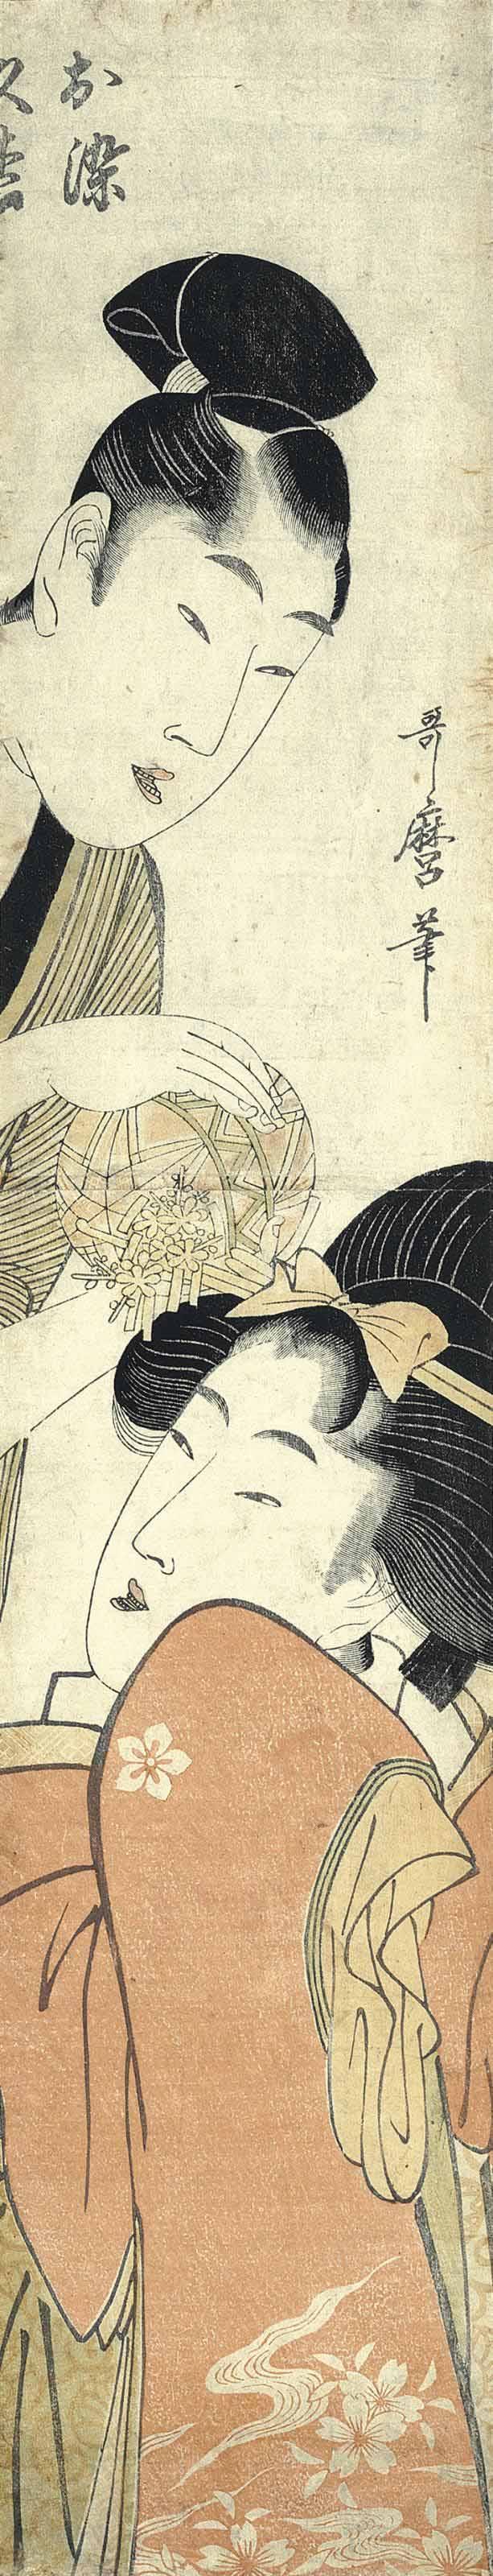 Kitagawa Utamaro (1753?-1806) After Torii Kiyonaga (19th century)